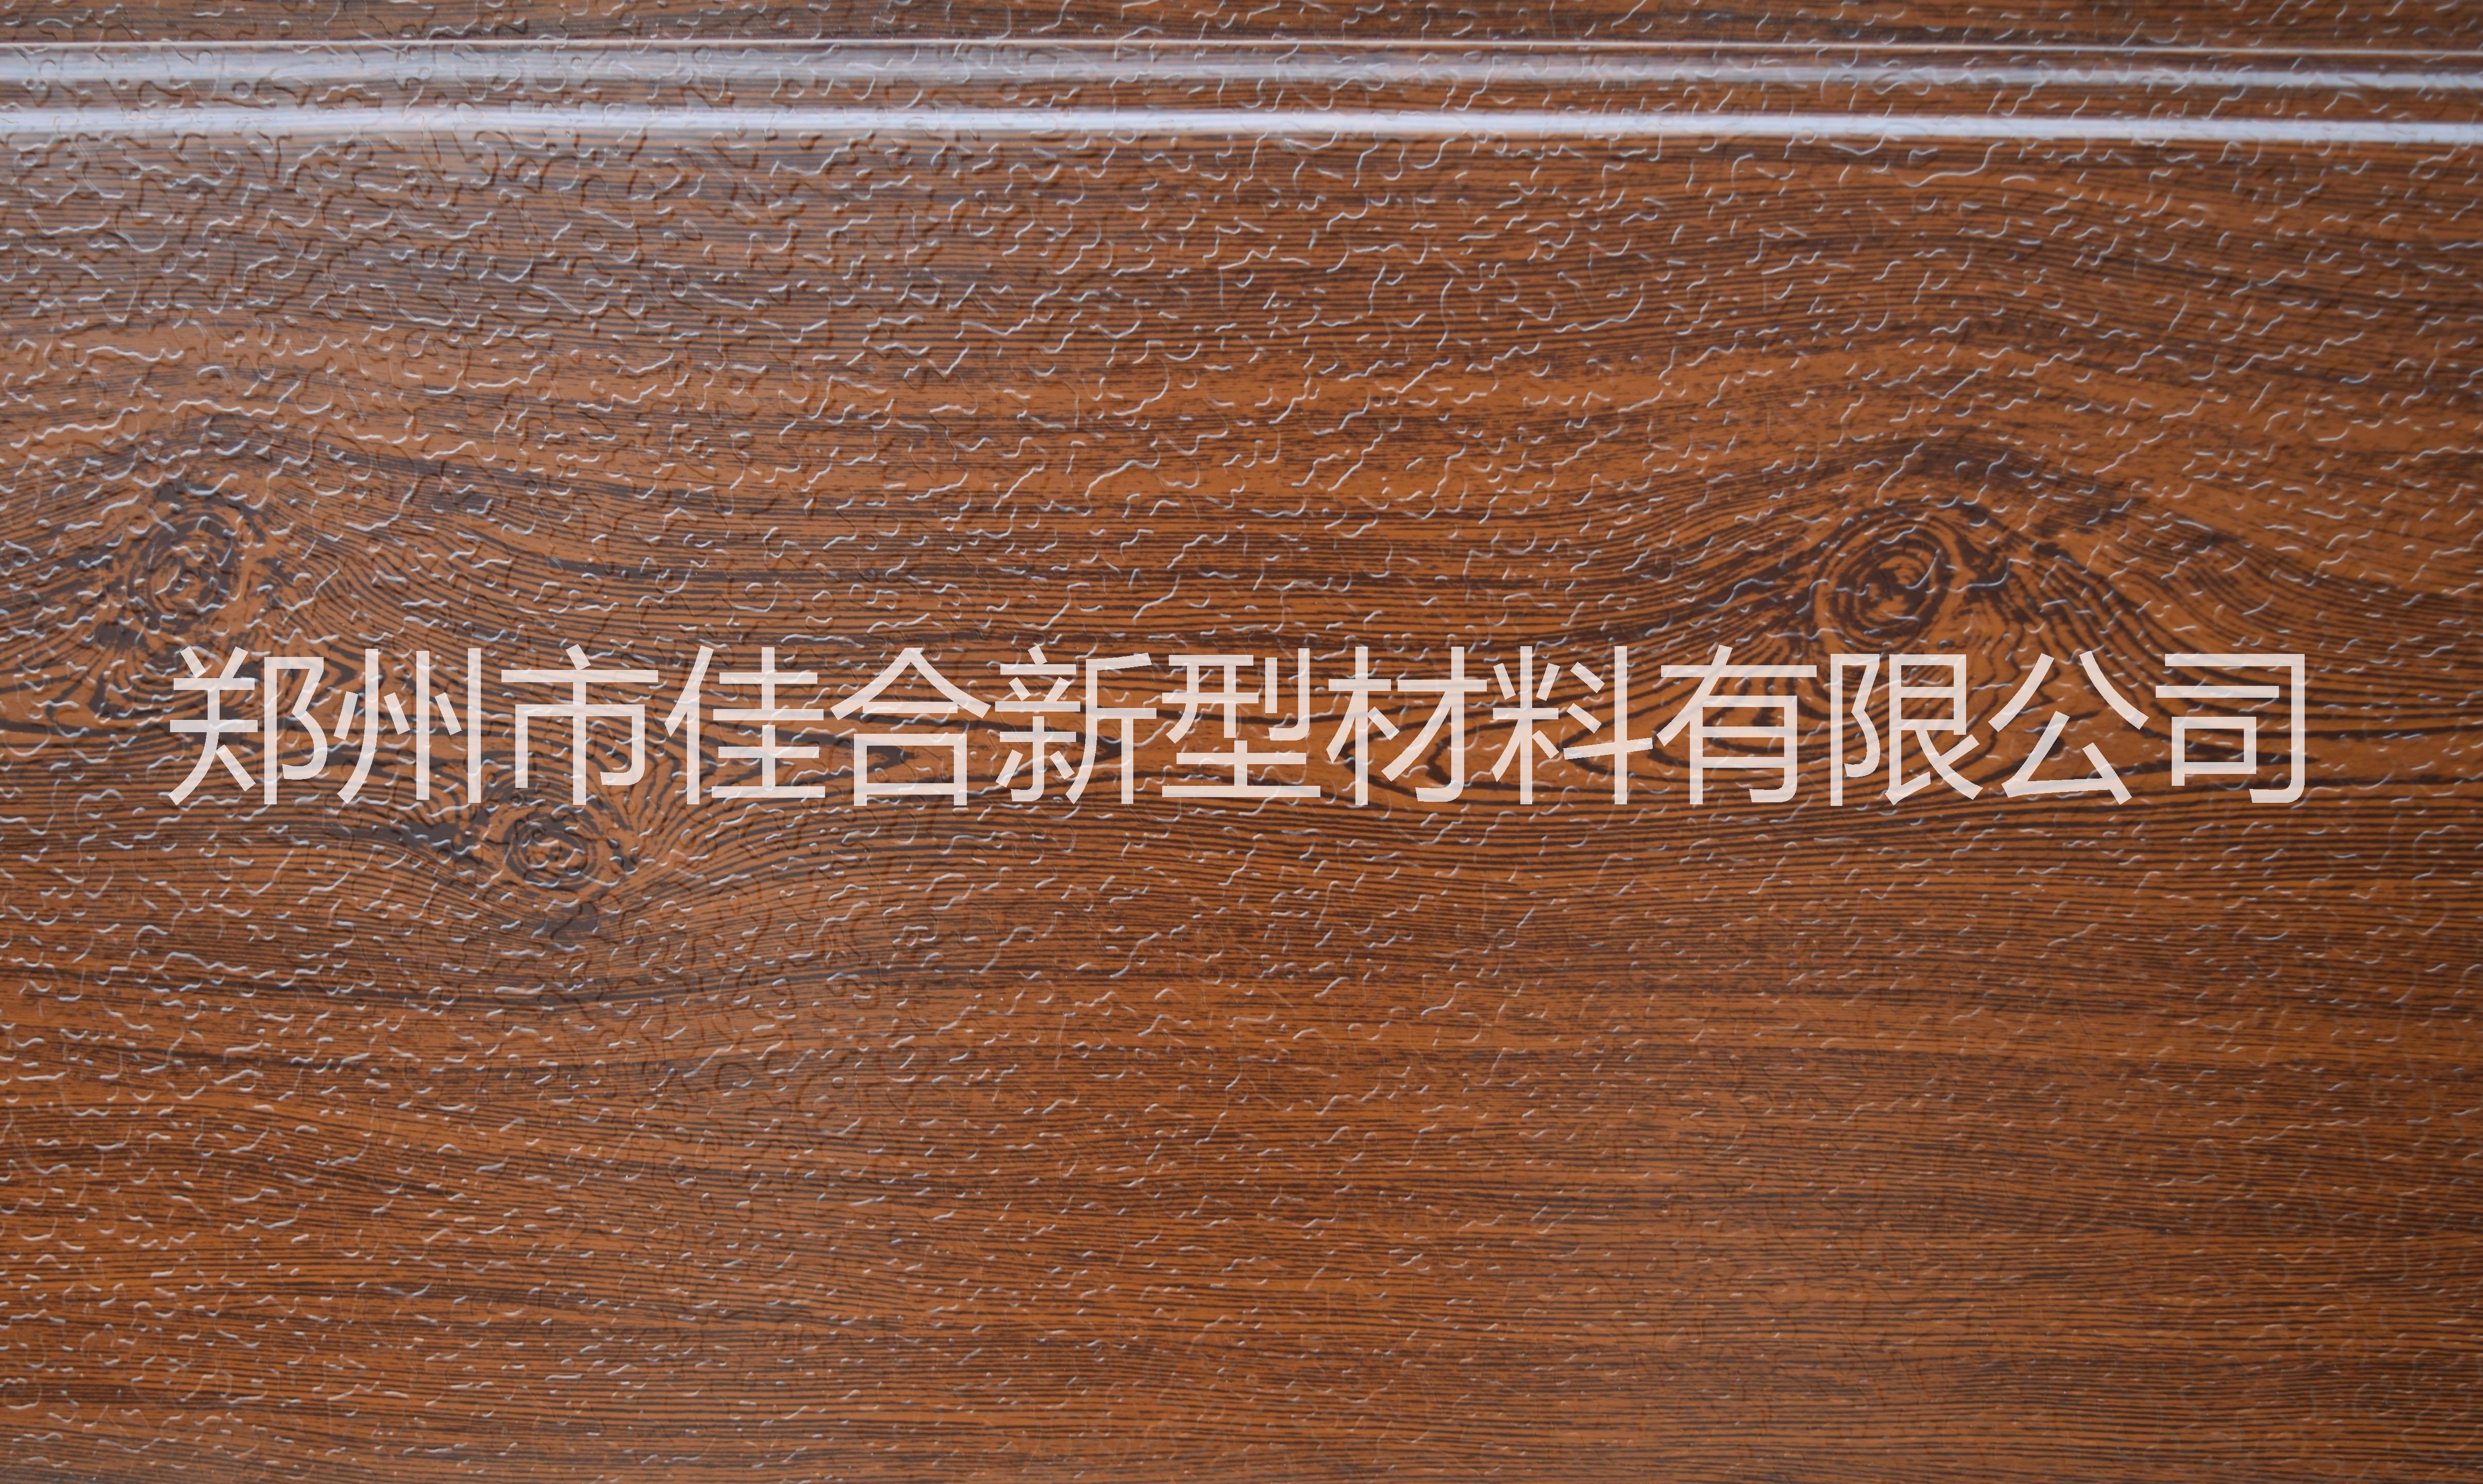 郑州佳合金属雕花板、内外墙保温装饰板生产厂家招代理商